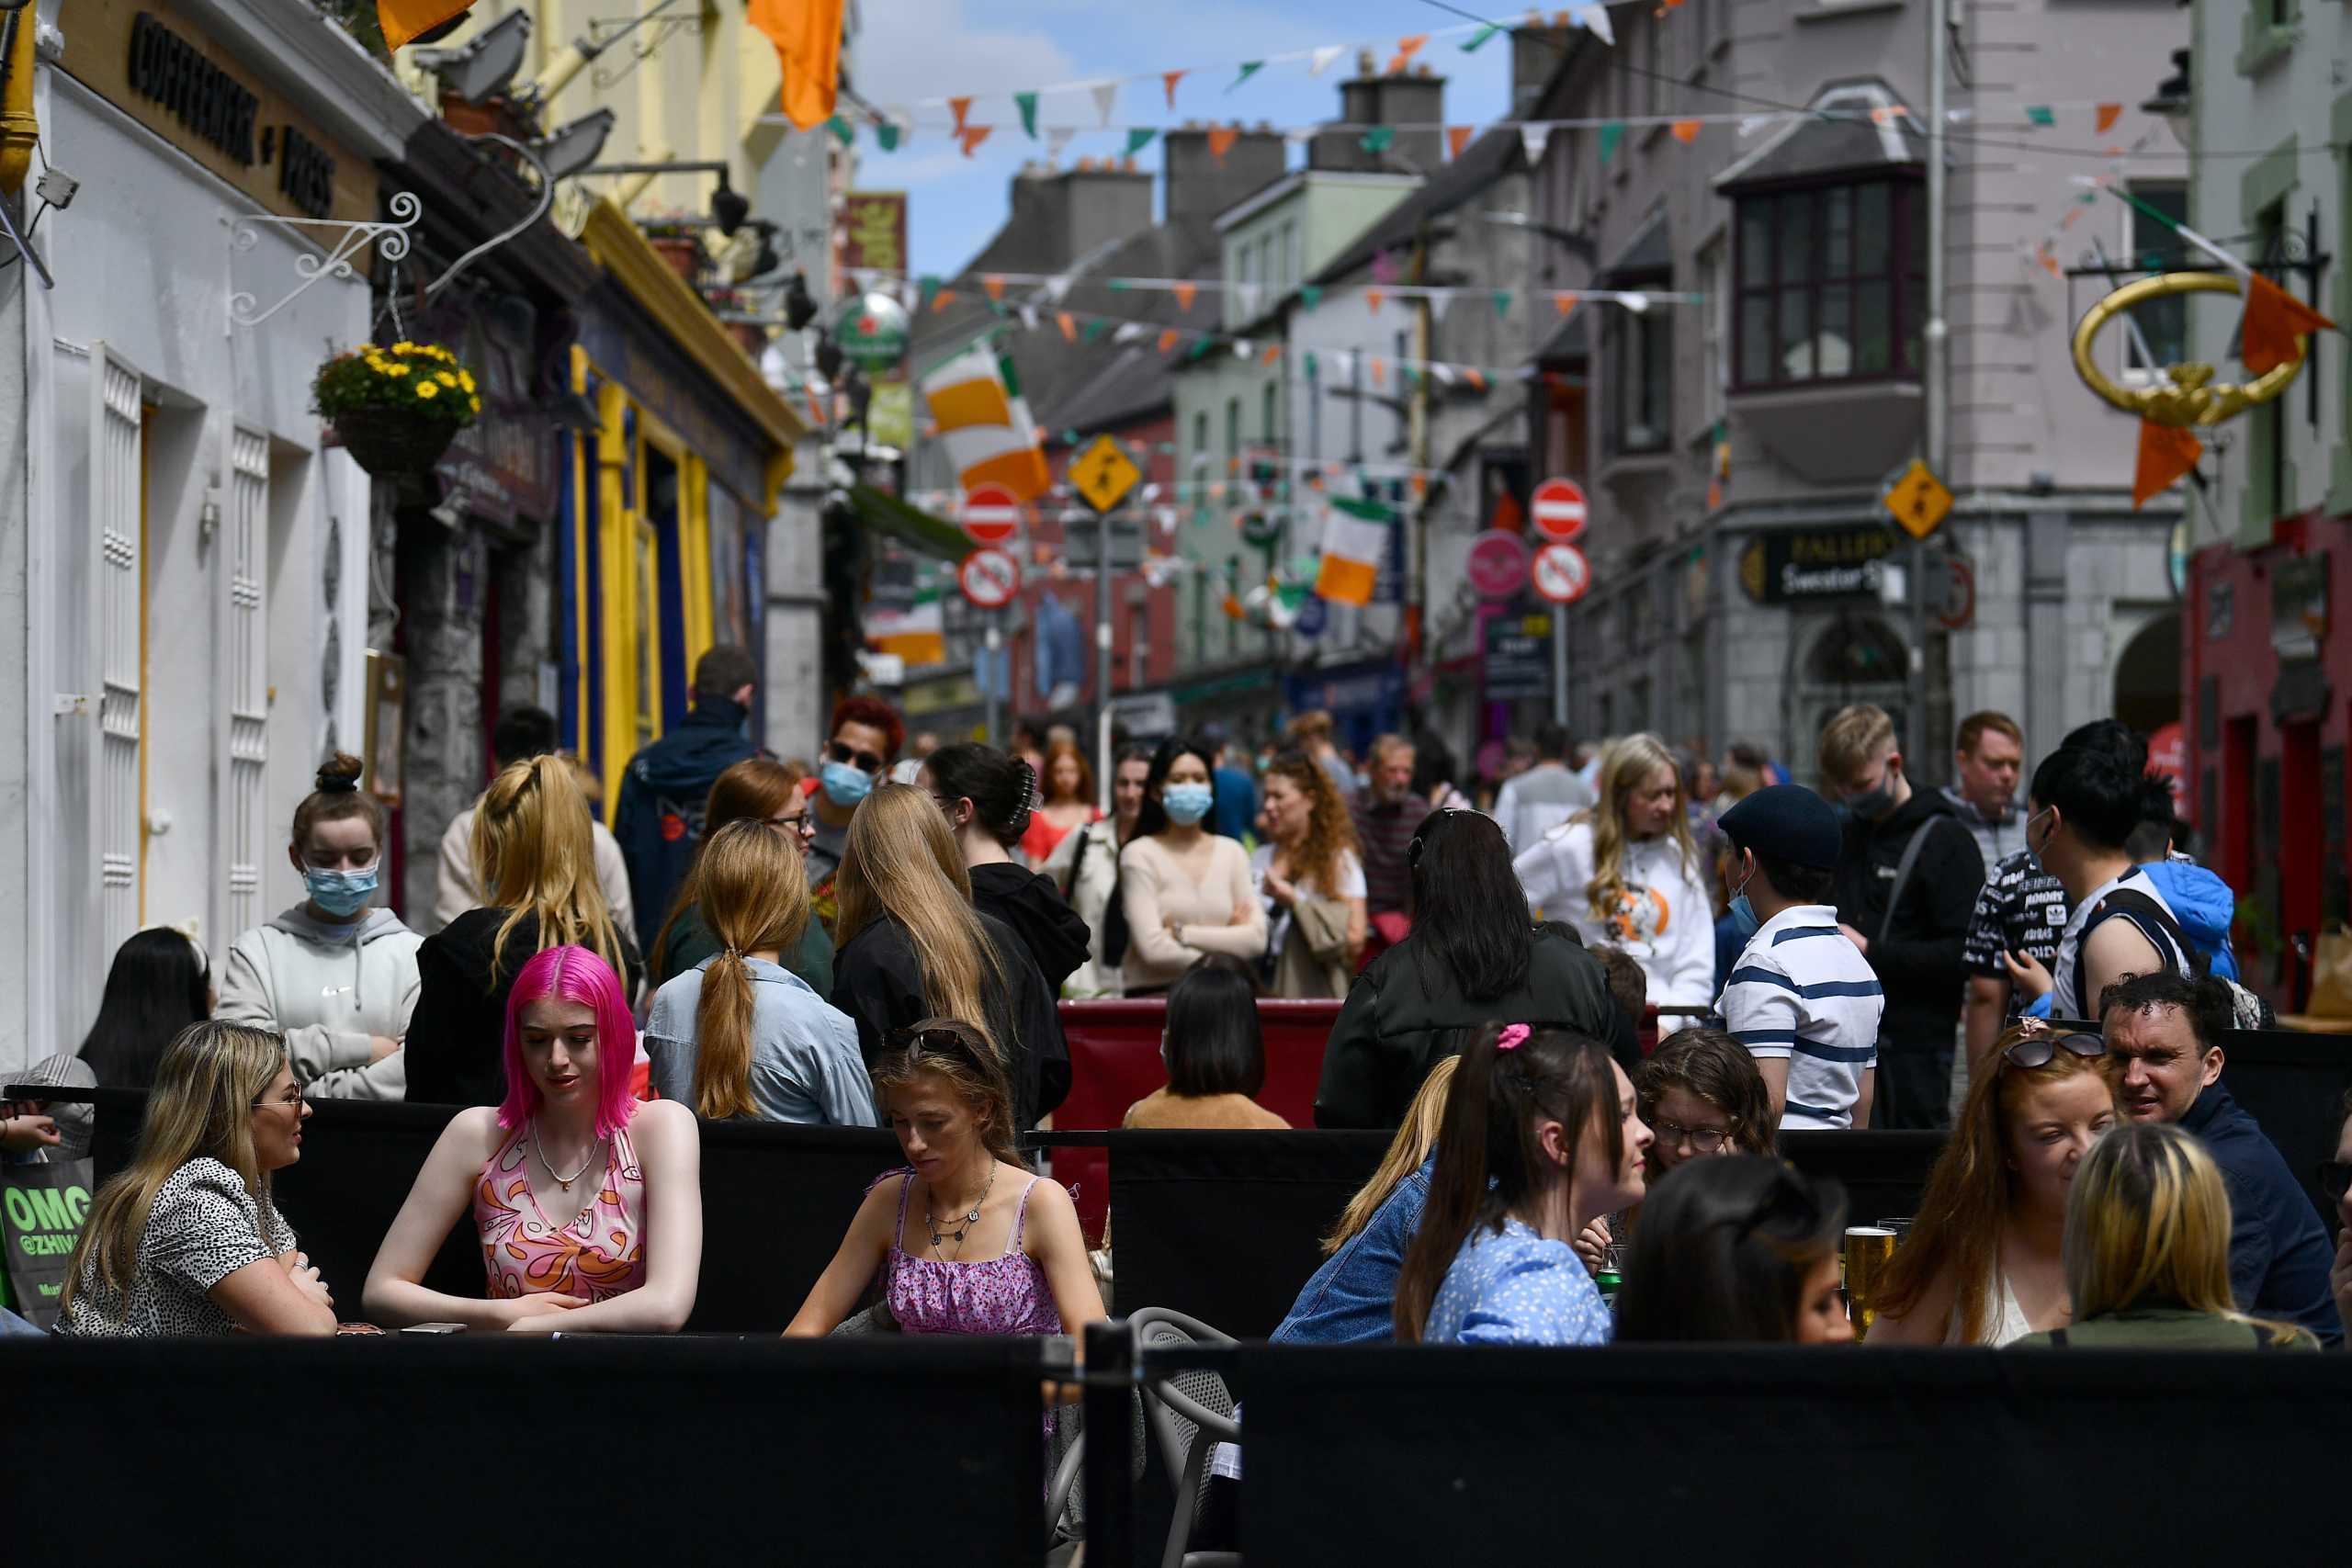 Ιρλανδία: Σε διπλή καραντίνα οι ανεμβολίαστοι και η μερικώς εμβολιασμένοι από τη Βρετανία